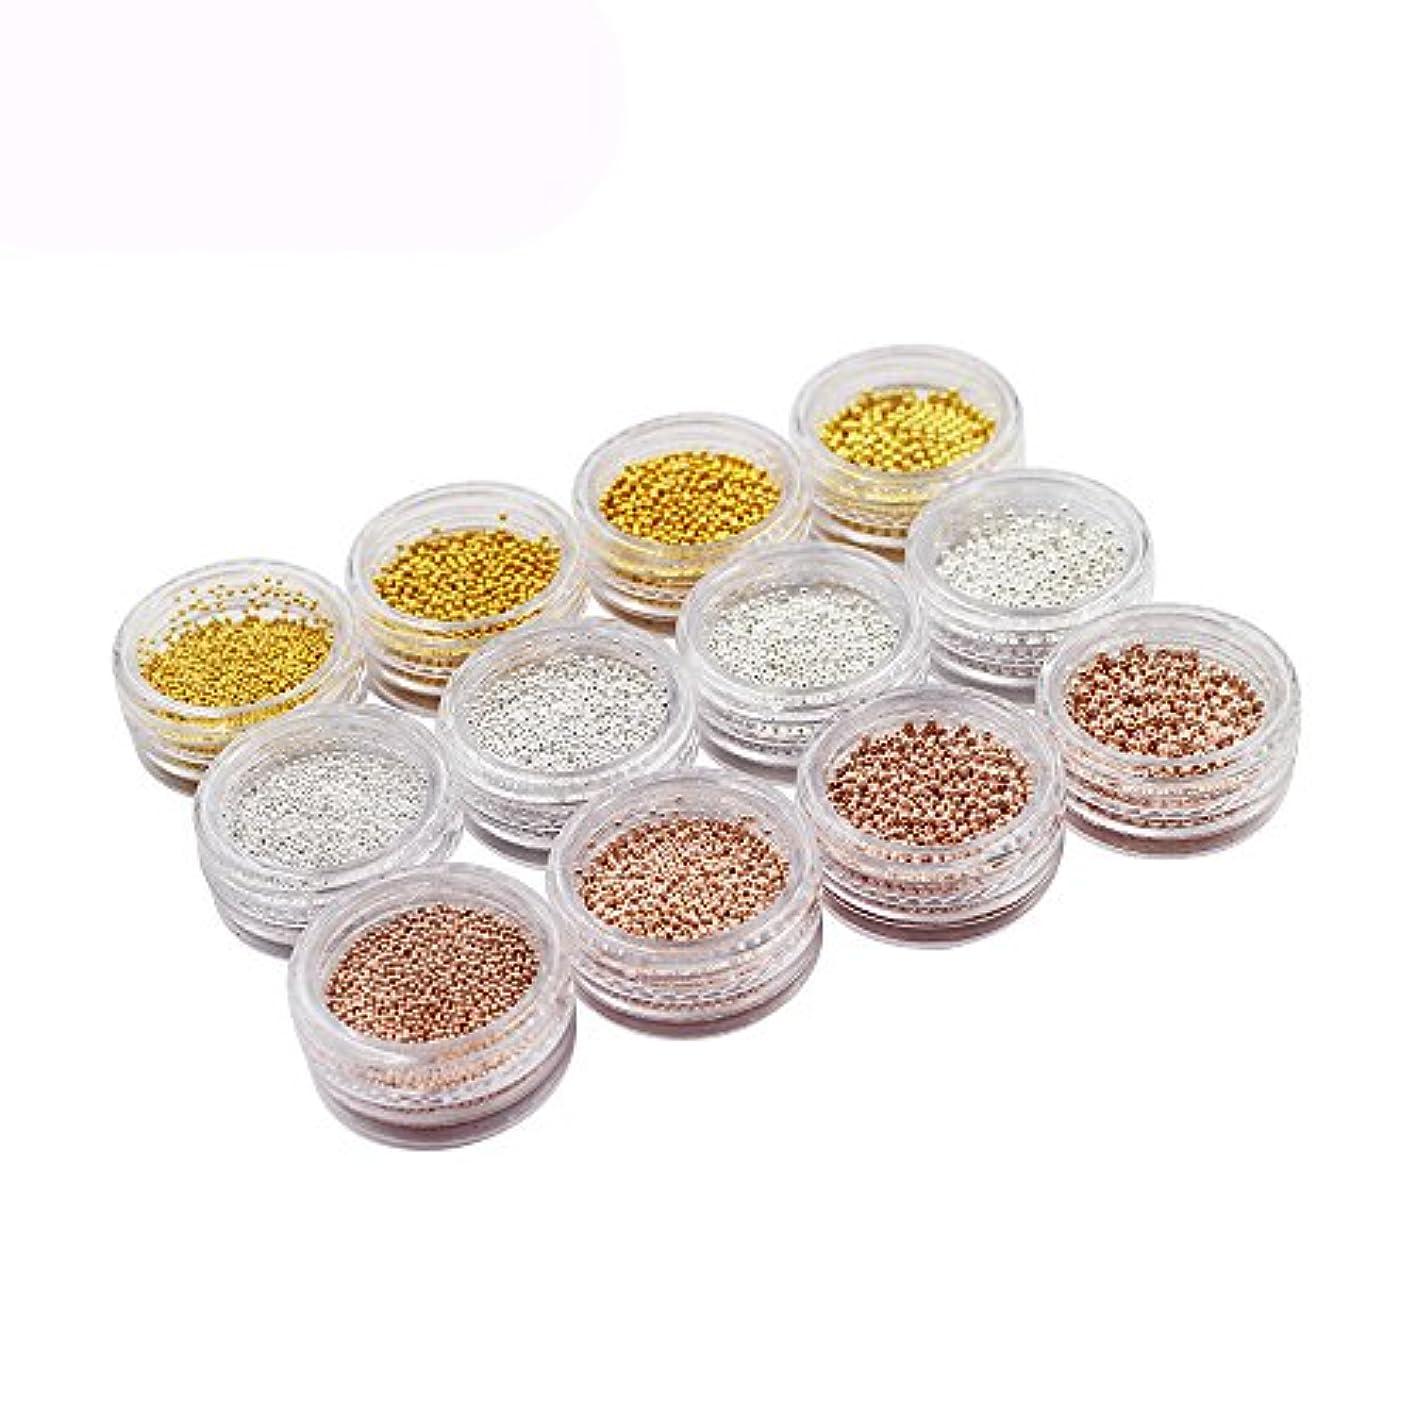 配列うぬぼれた監査メーリンドス ネイル3dデザインパーツ ネイルブリオン ゴールド&シルバー&バラゴールド 0.8/1.0/1.2/1.5mm 4サイズ3色 12本セット